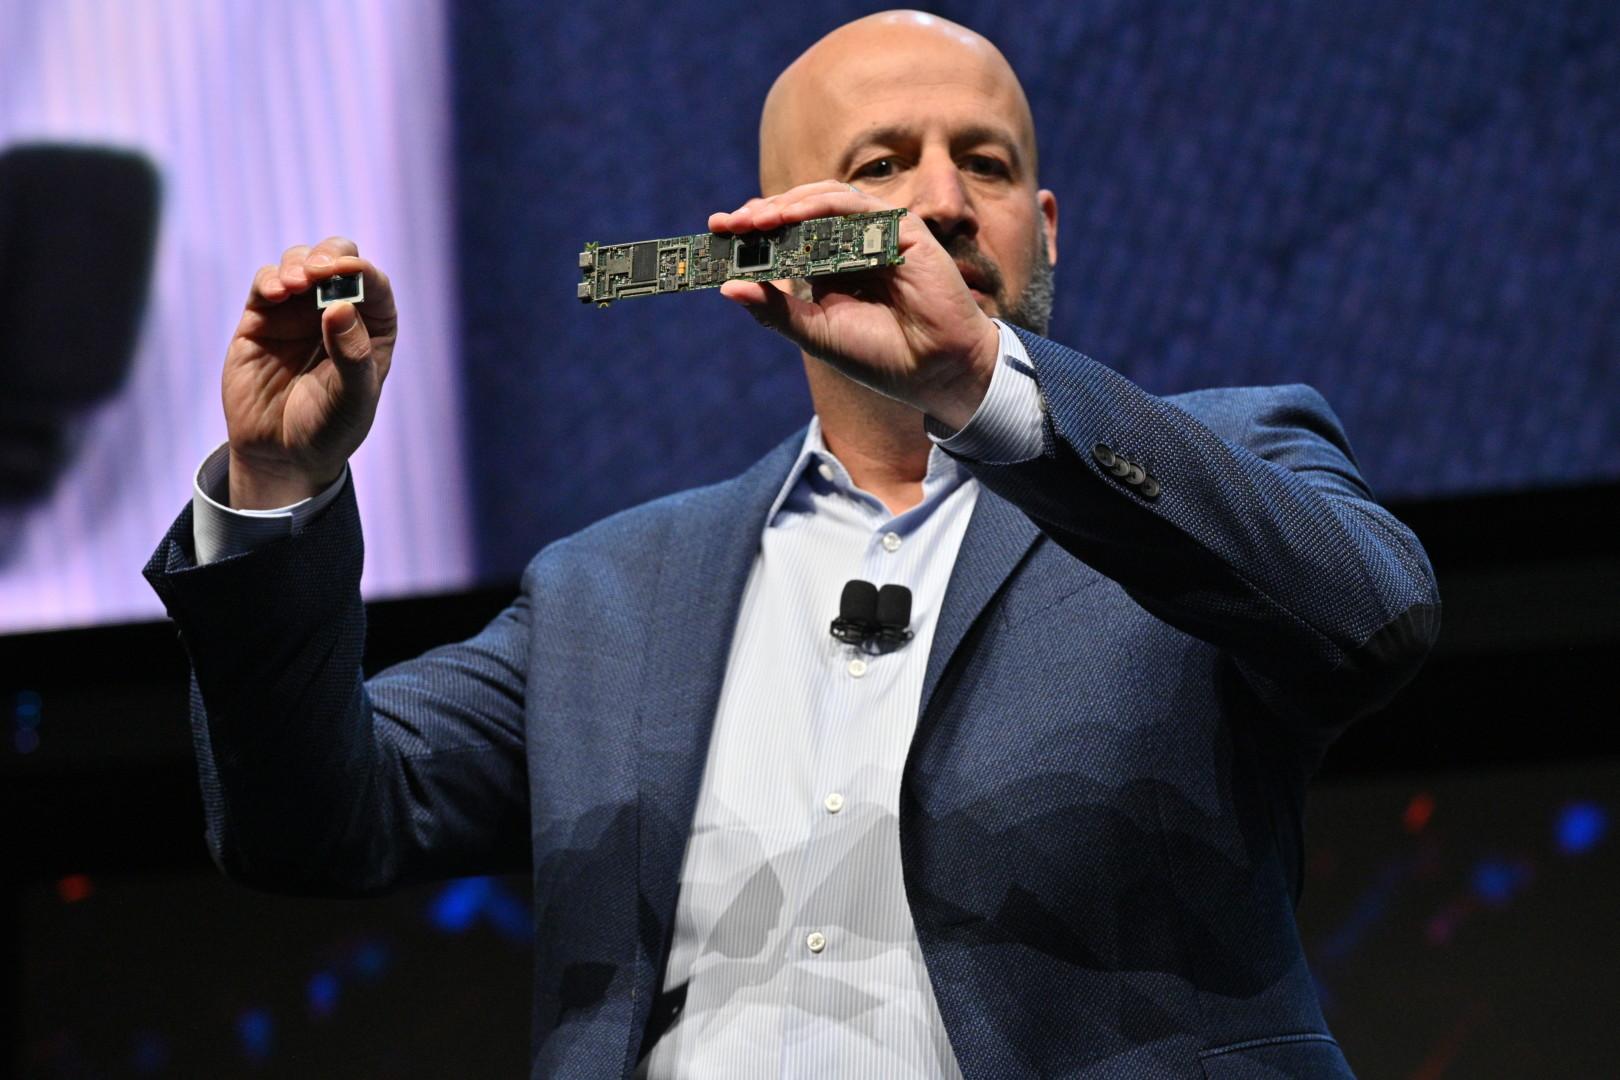 Intel en CES 2020: el chip Tiger Lake, una notebook con pantalla flexible y más detalles de Project Athena